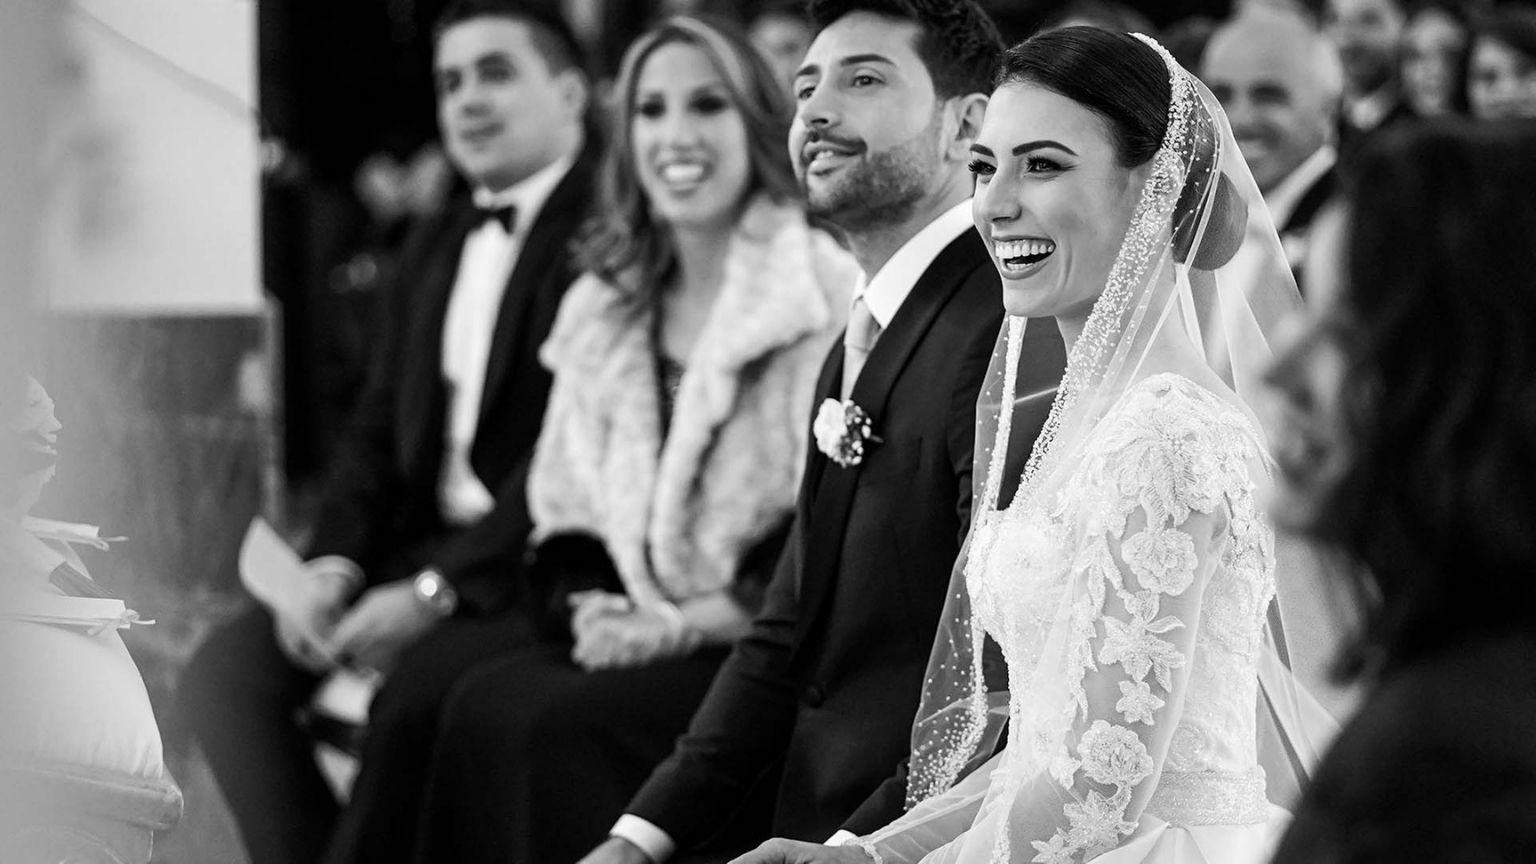 Fotoreportage di matrimonio: cos'è e perché sceglierlo